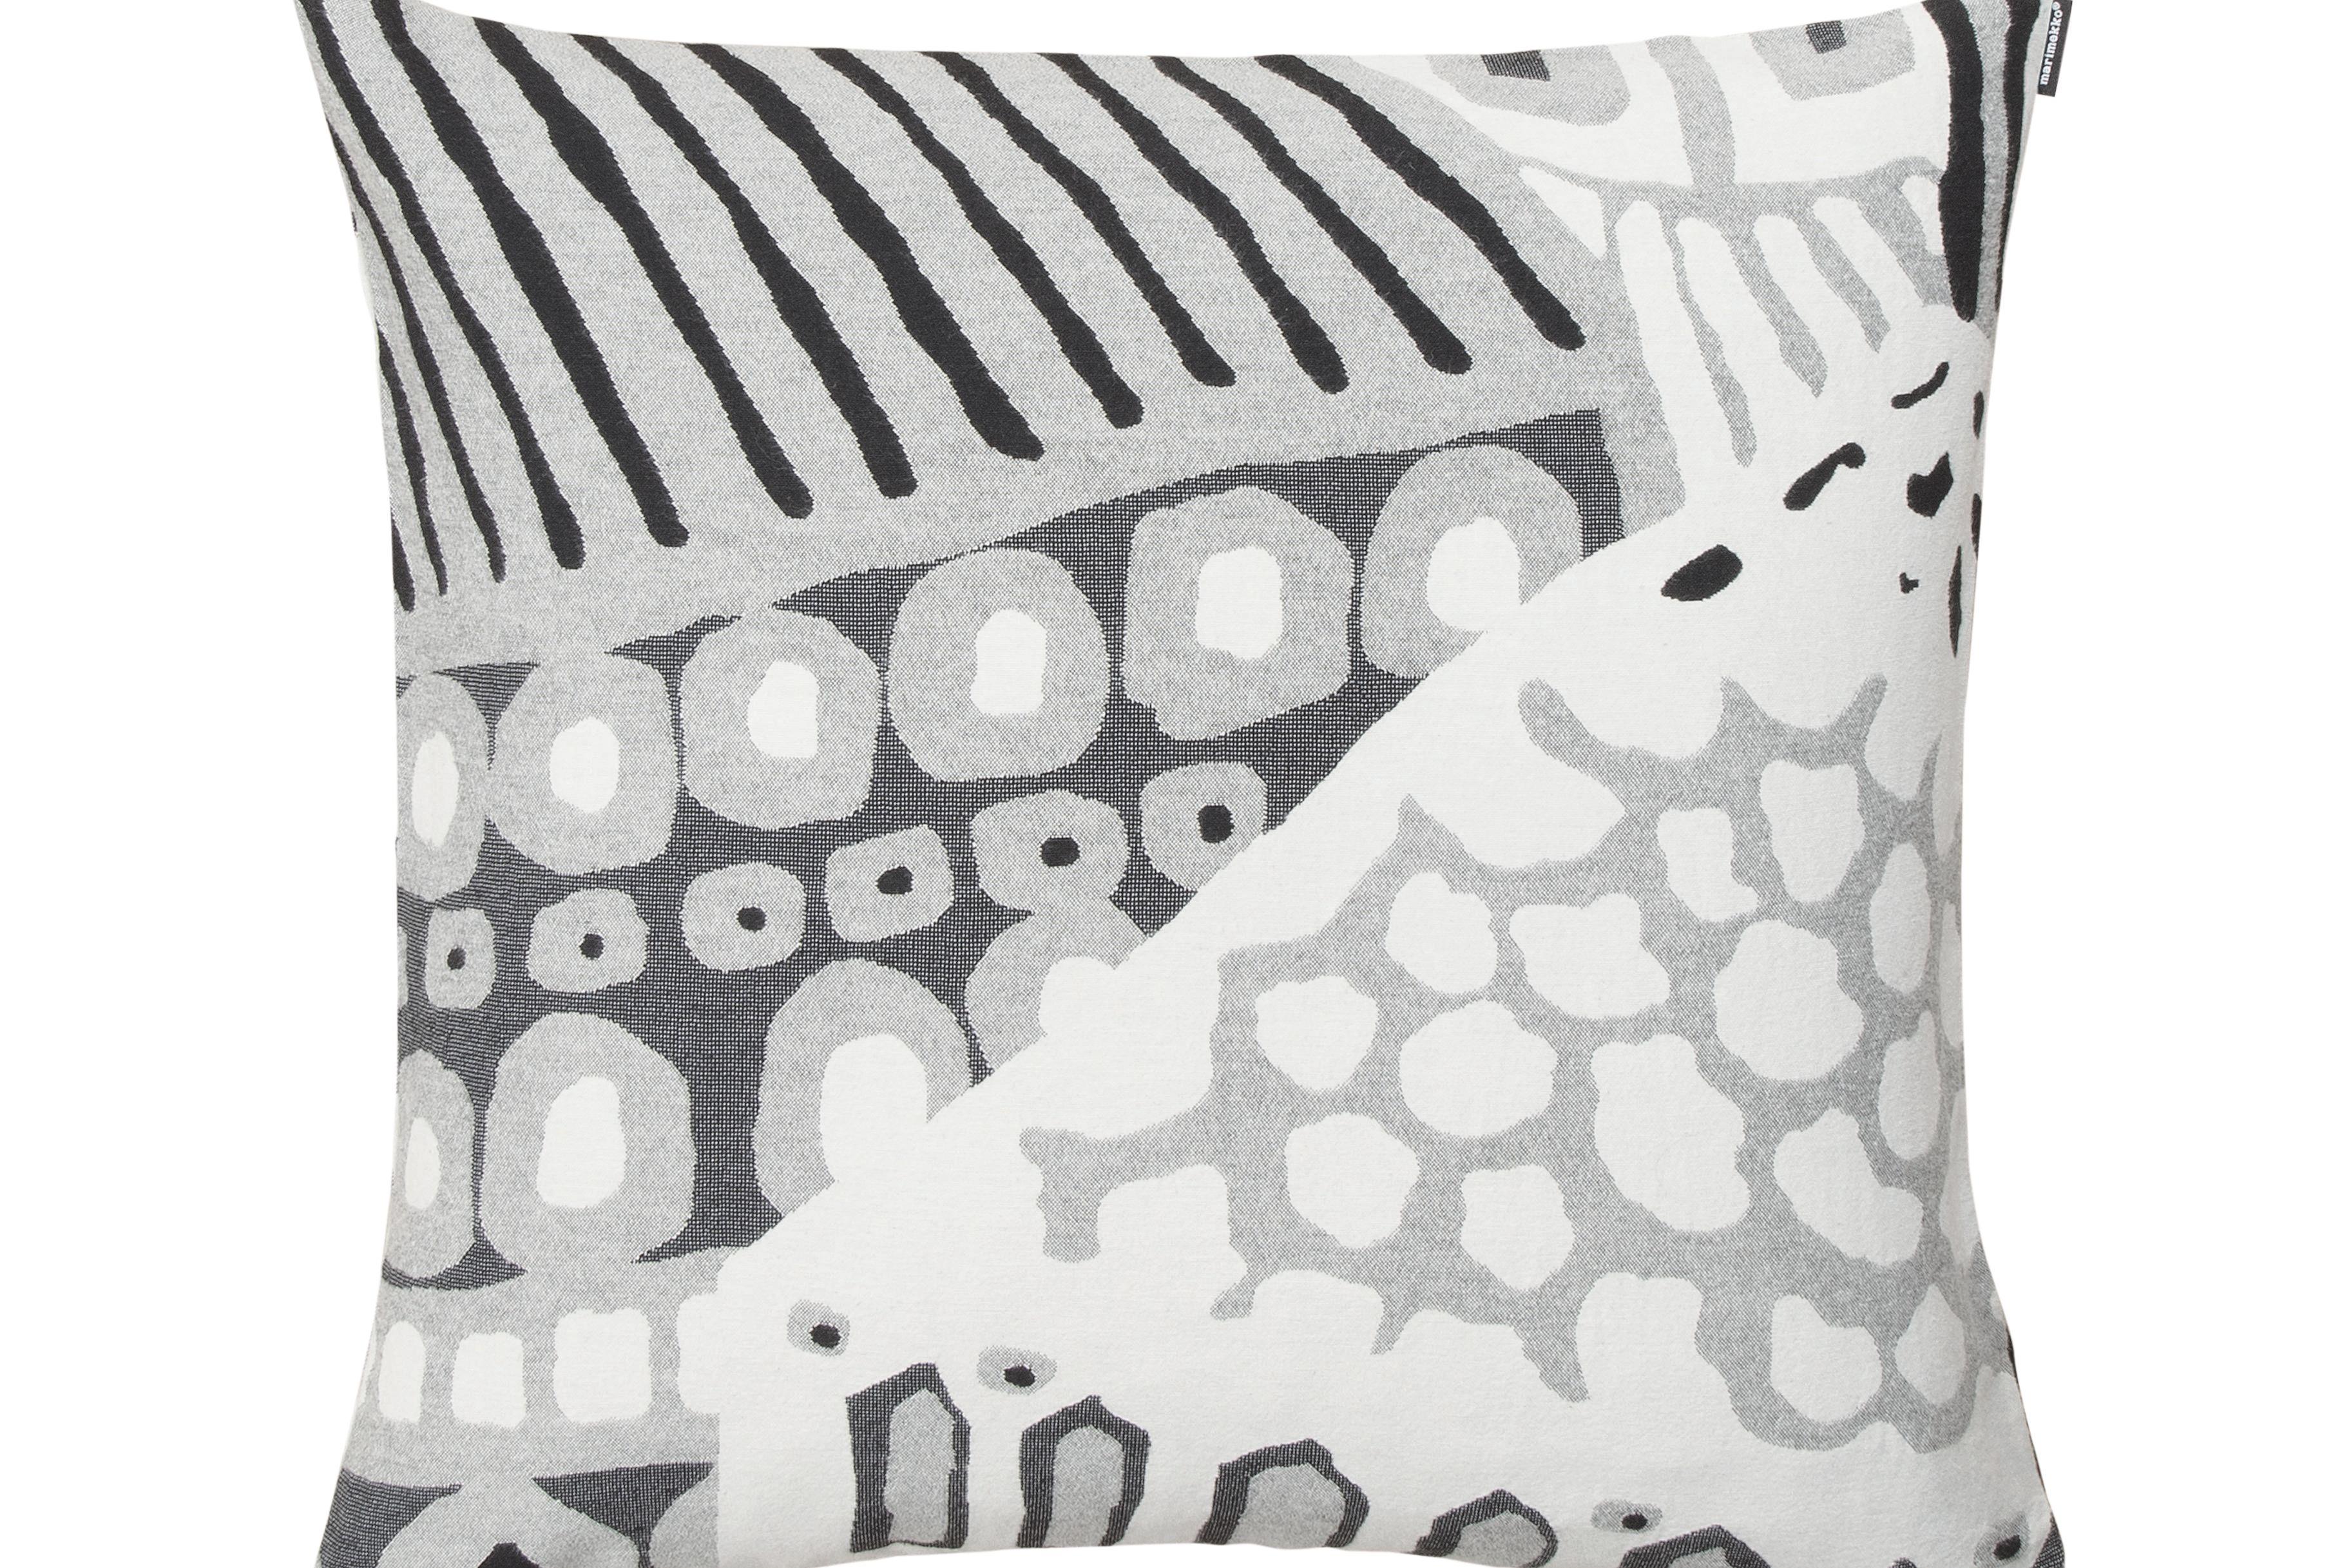 Pcsu 16 gray matter katsuji wakisaka pillow v5ucst